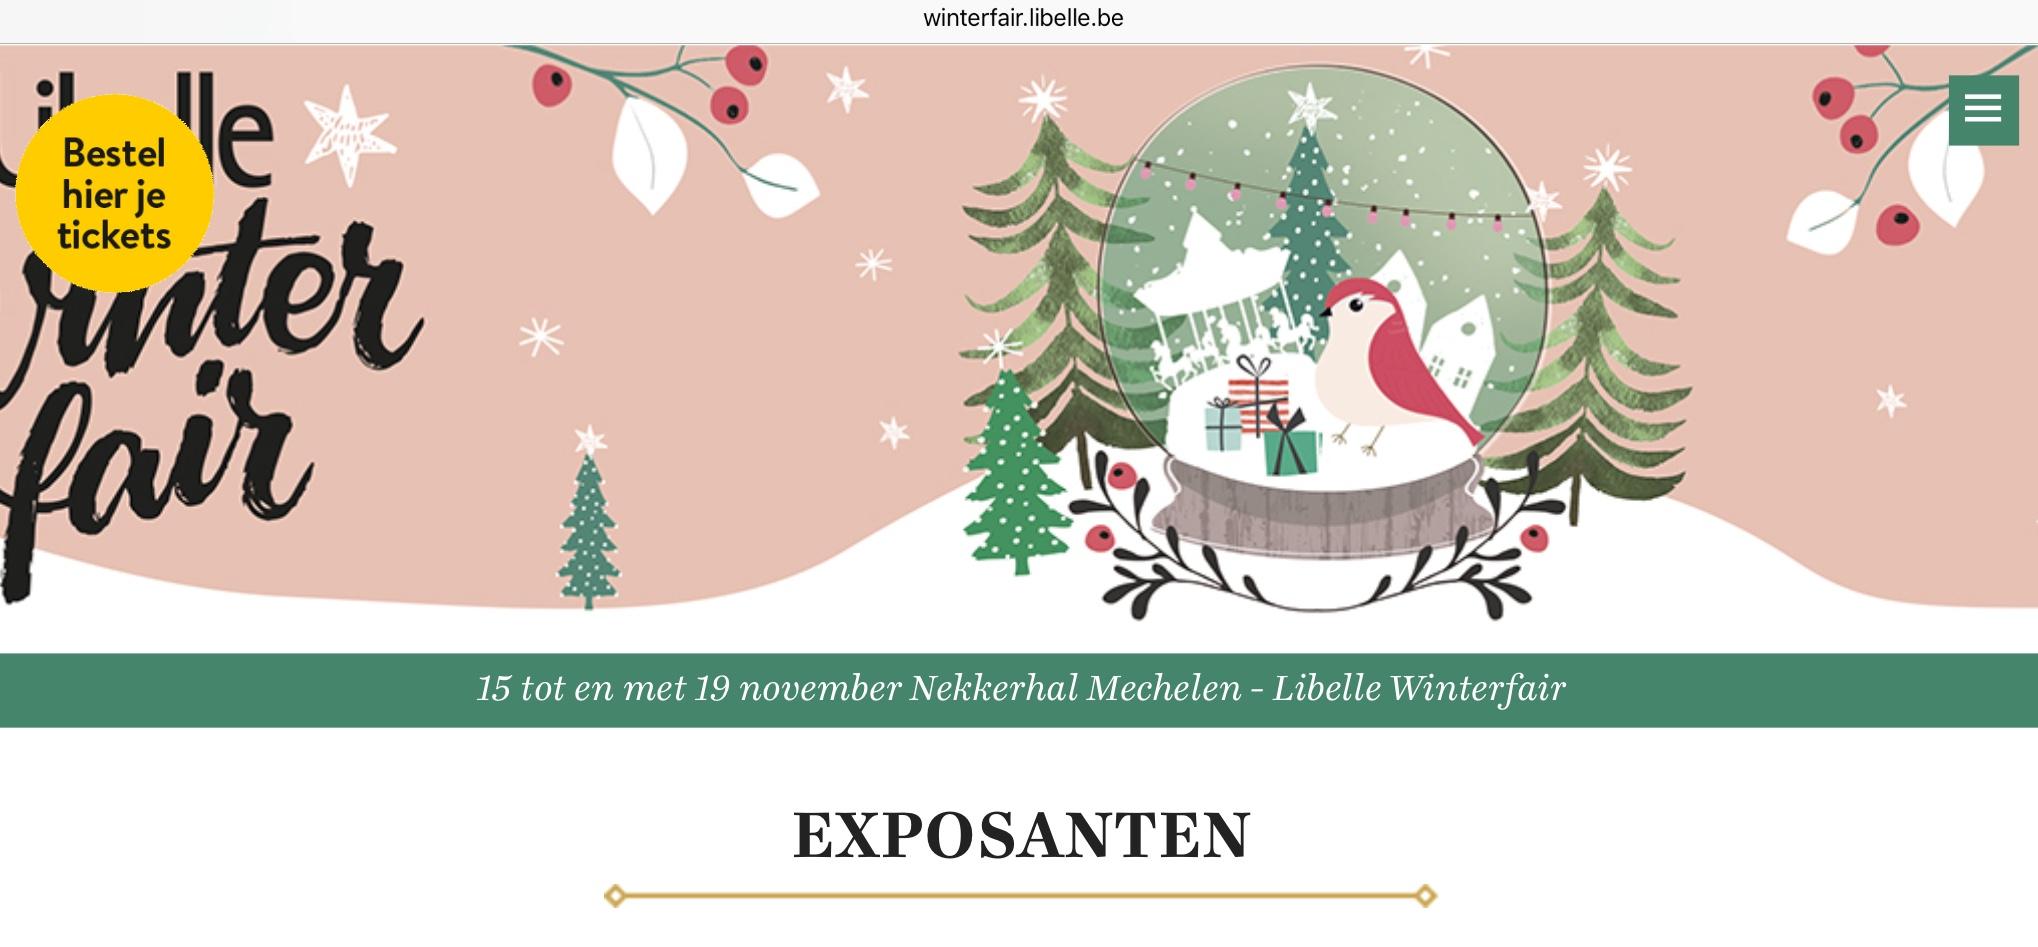 Olijfcare De Libelle Winterfair